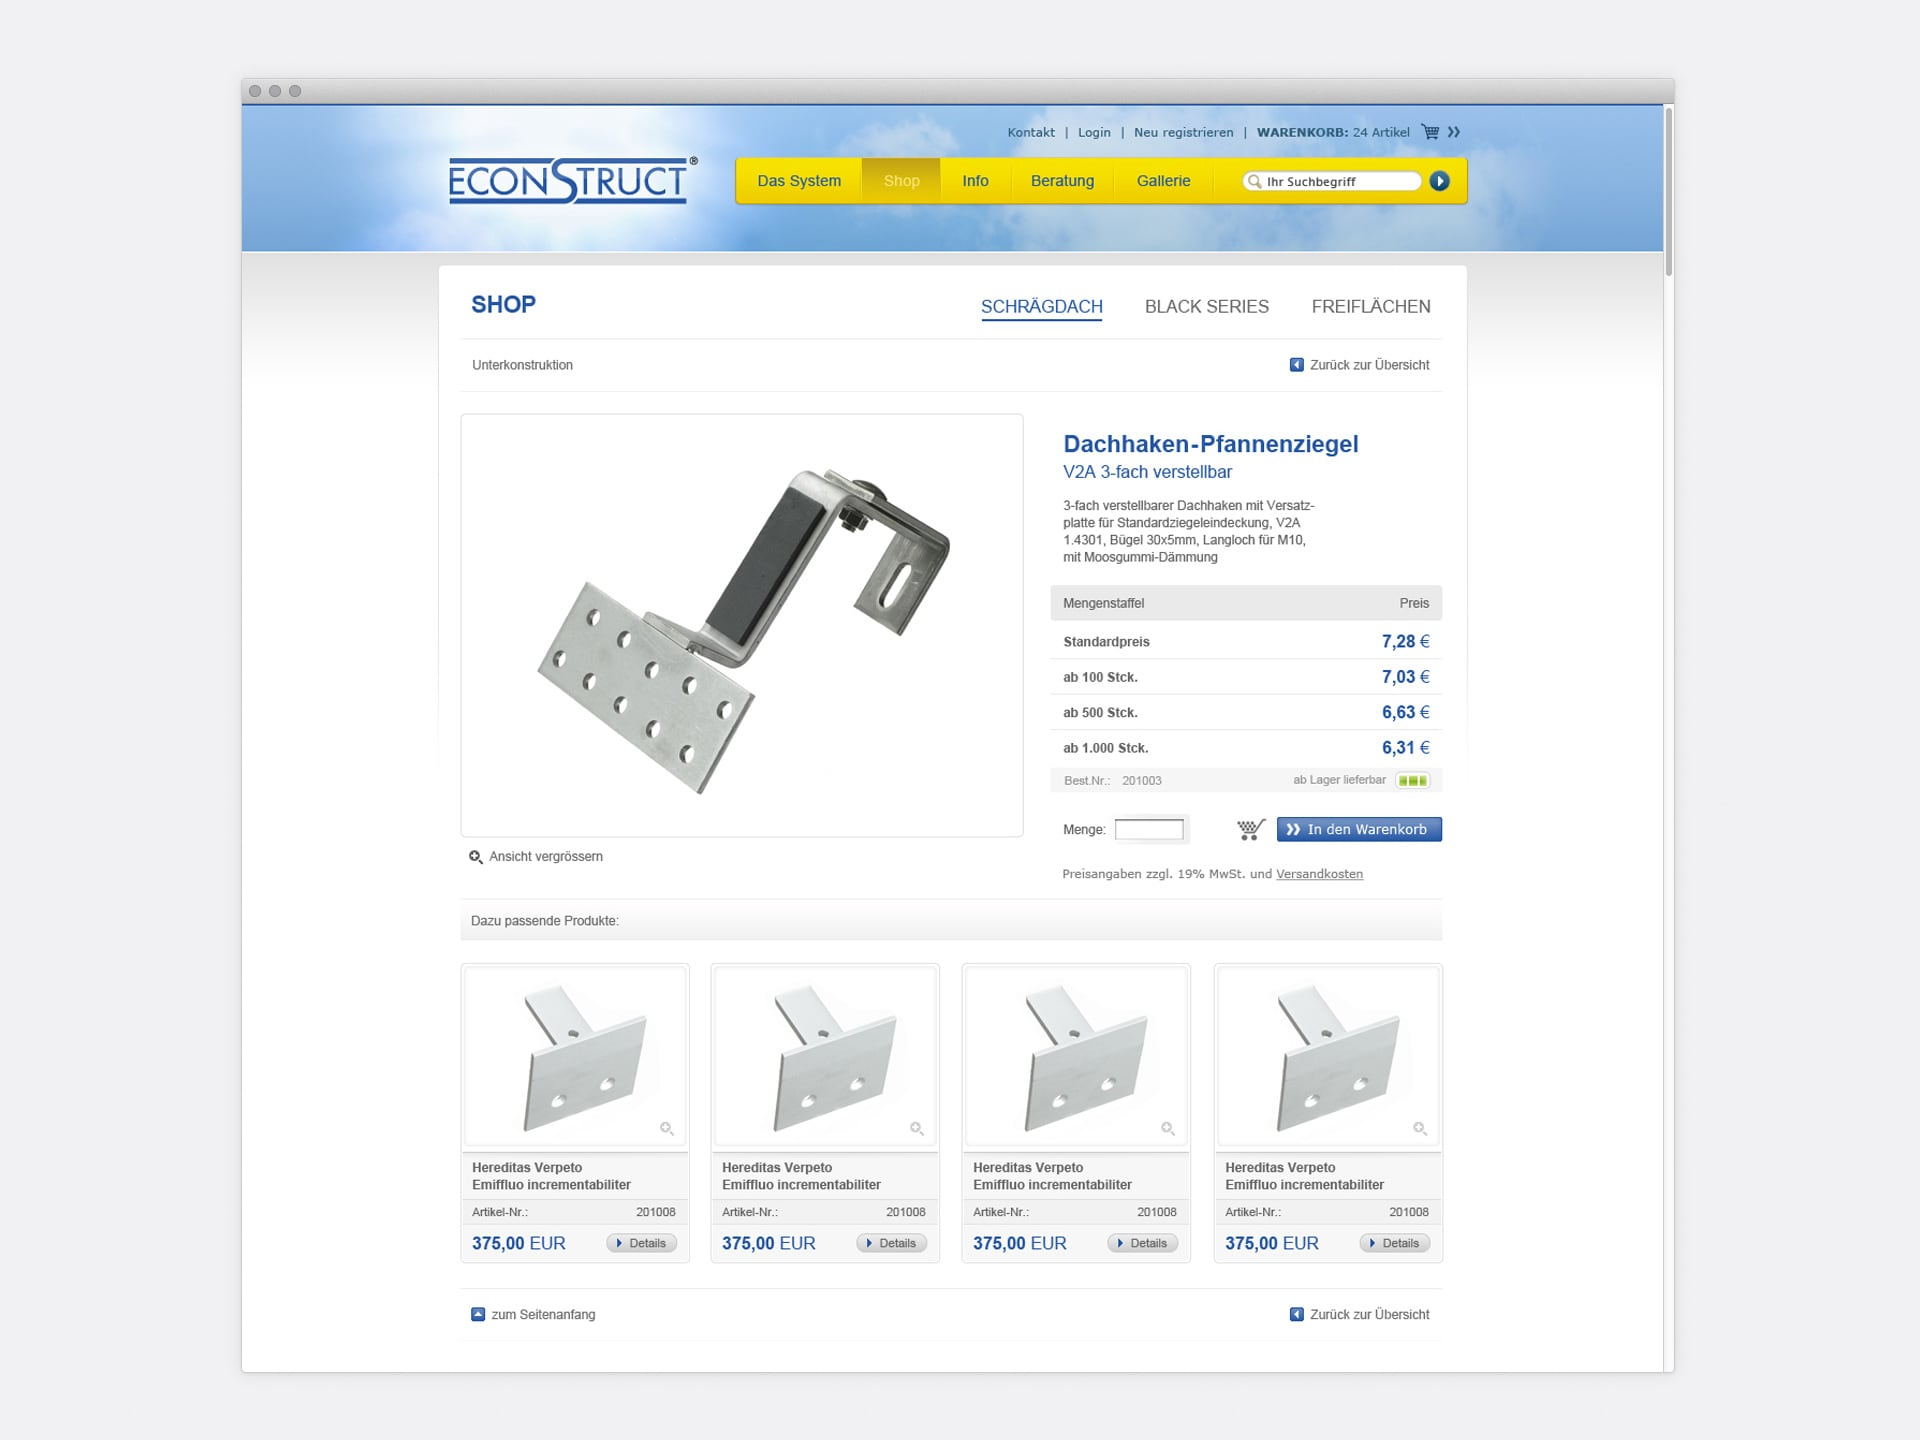 Produktseite und Details econstruct